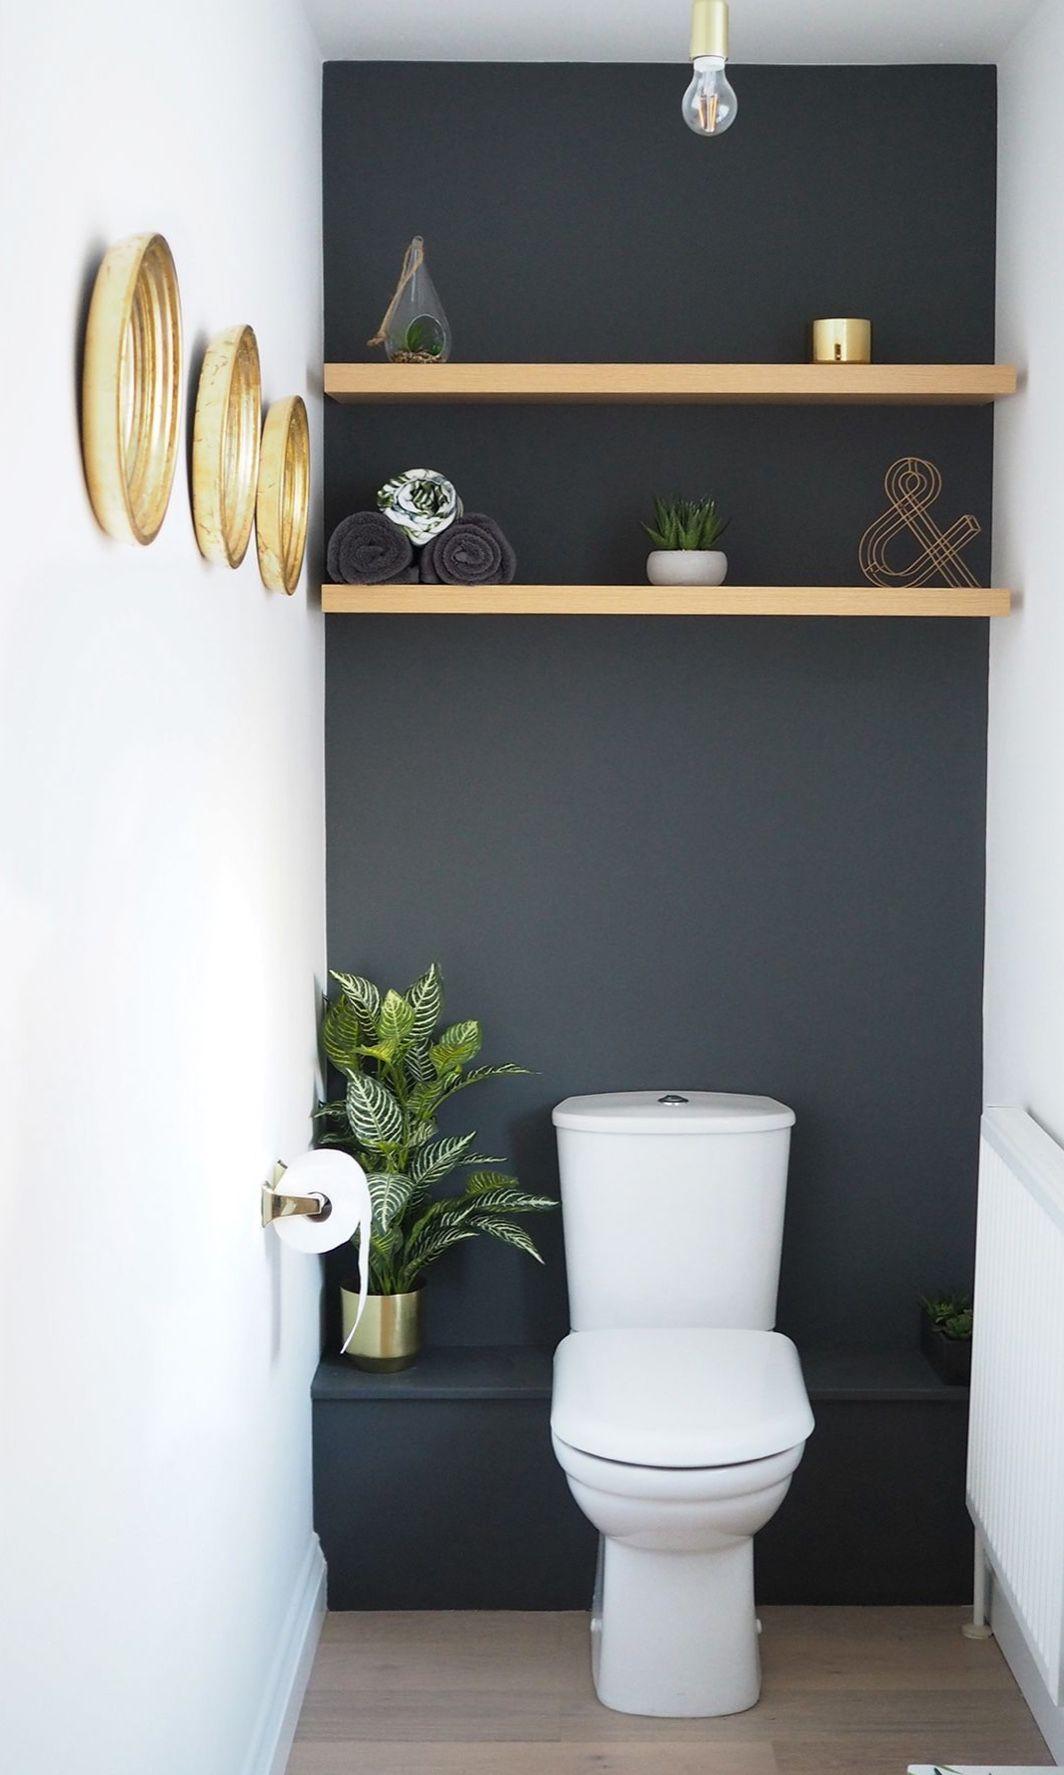 Pin Van Desirae Schoer Op Bathing Stuff Badkamerdecoratie Toilet Decoratie Badkamer Beneden